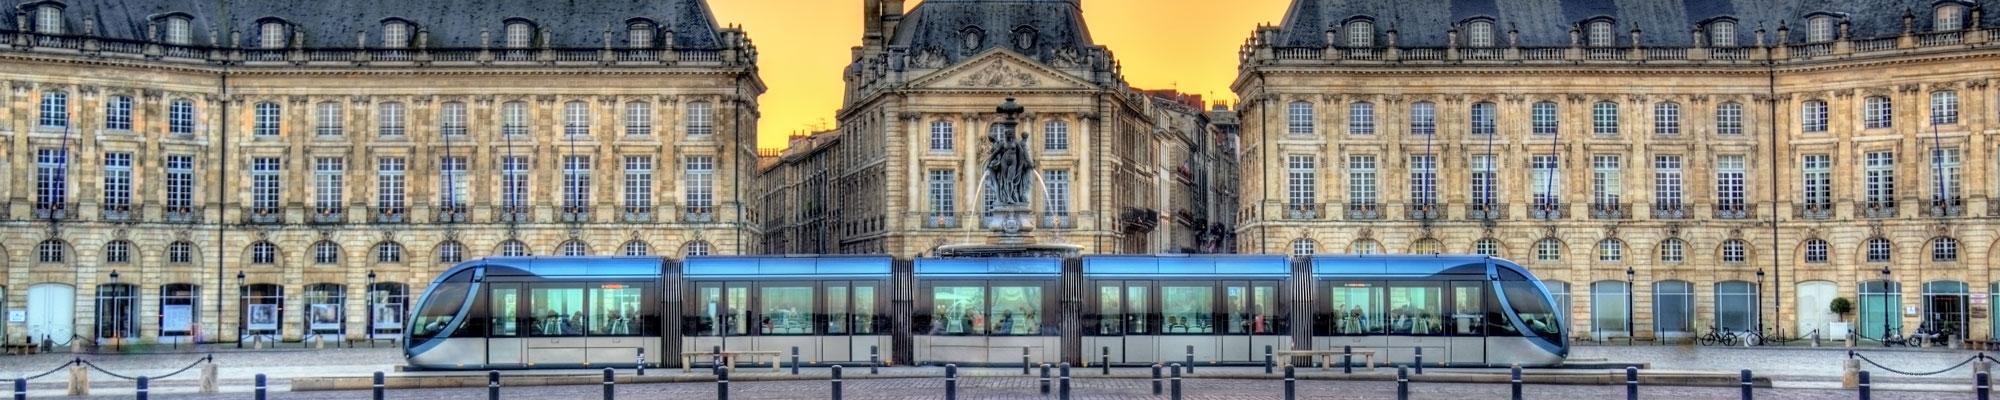 Mastère à Bordeaux